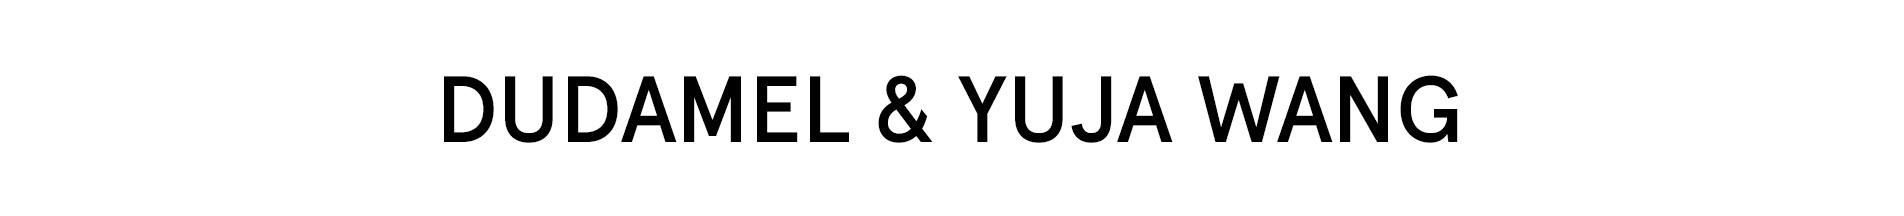 Dudamel & Yuja Wang